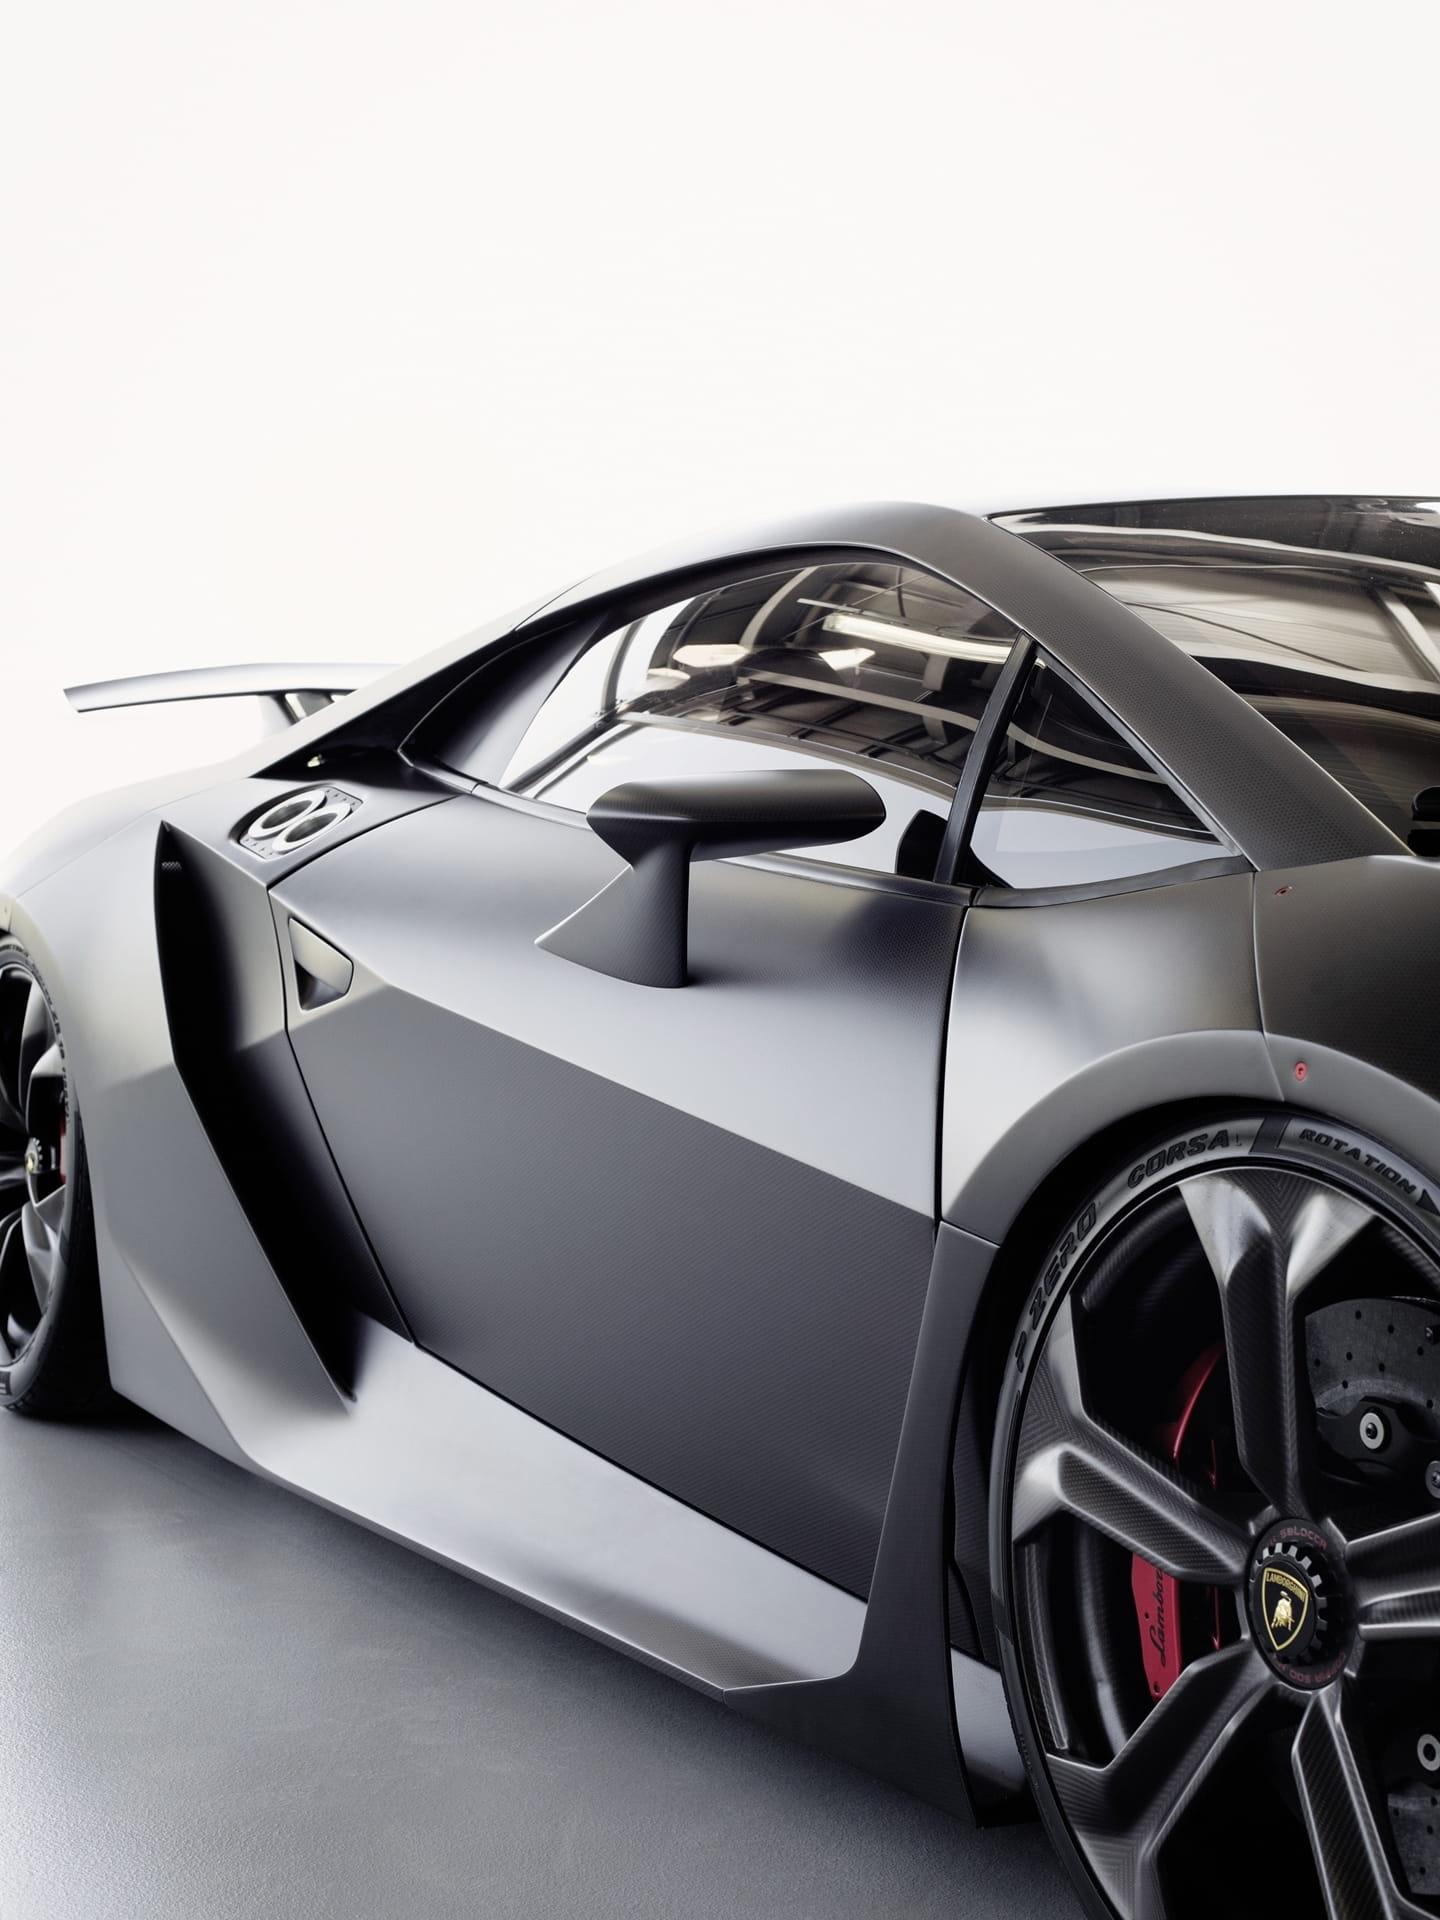 1 De Los 20 Codiciados Lamborghini Sesto Elemento Esta En Venta Por 3 Millones De Euros Diariomotor